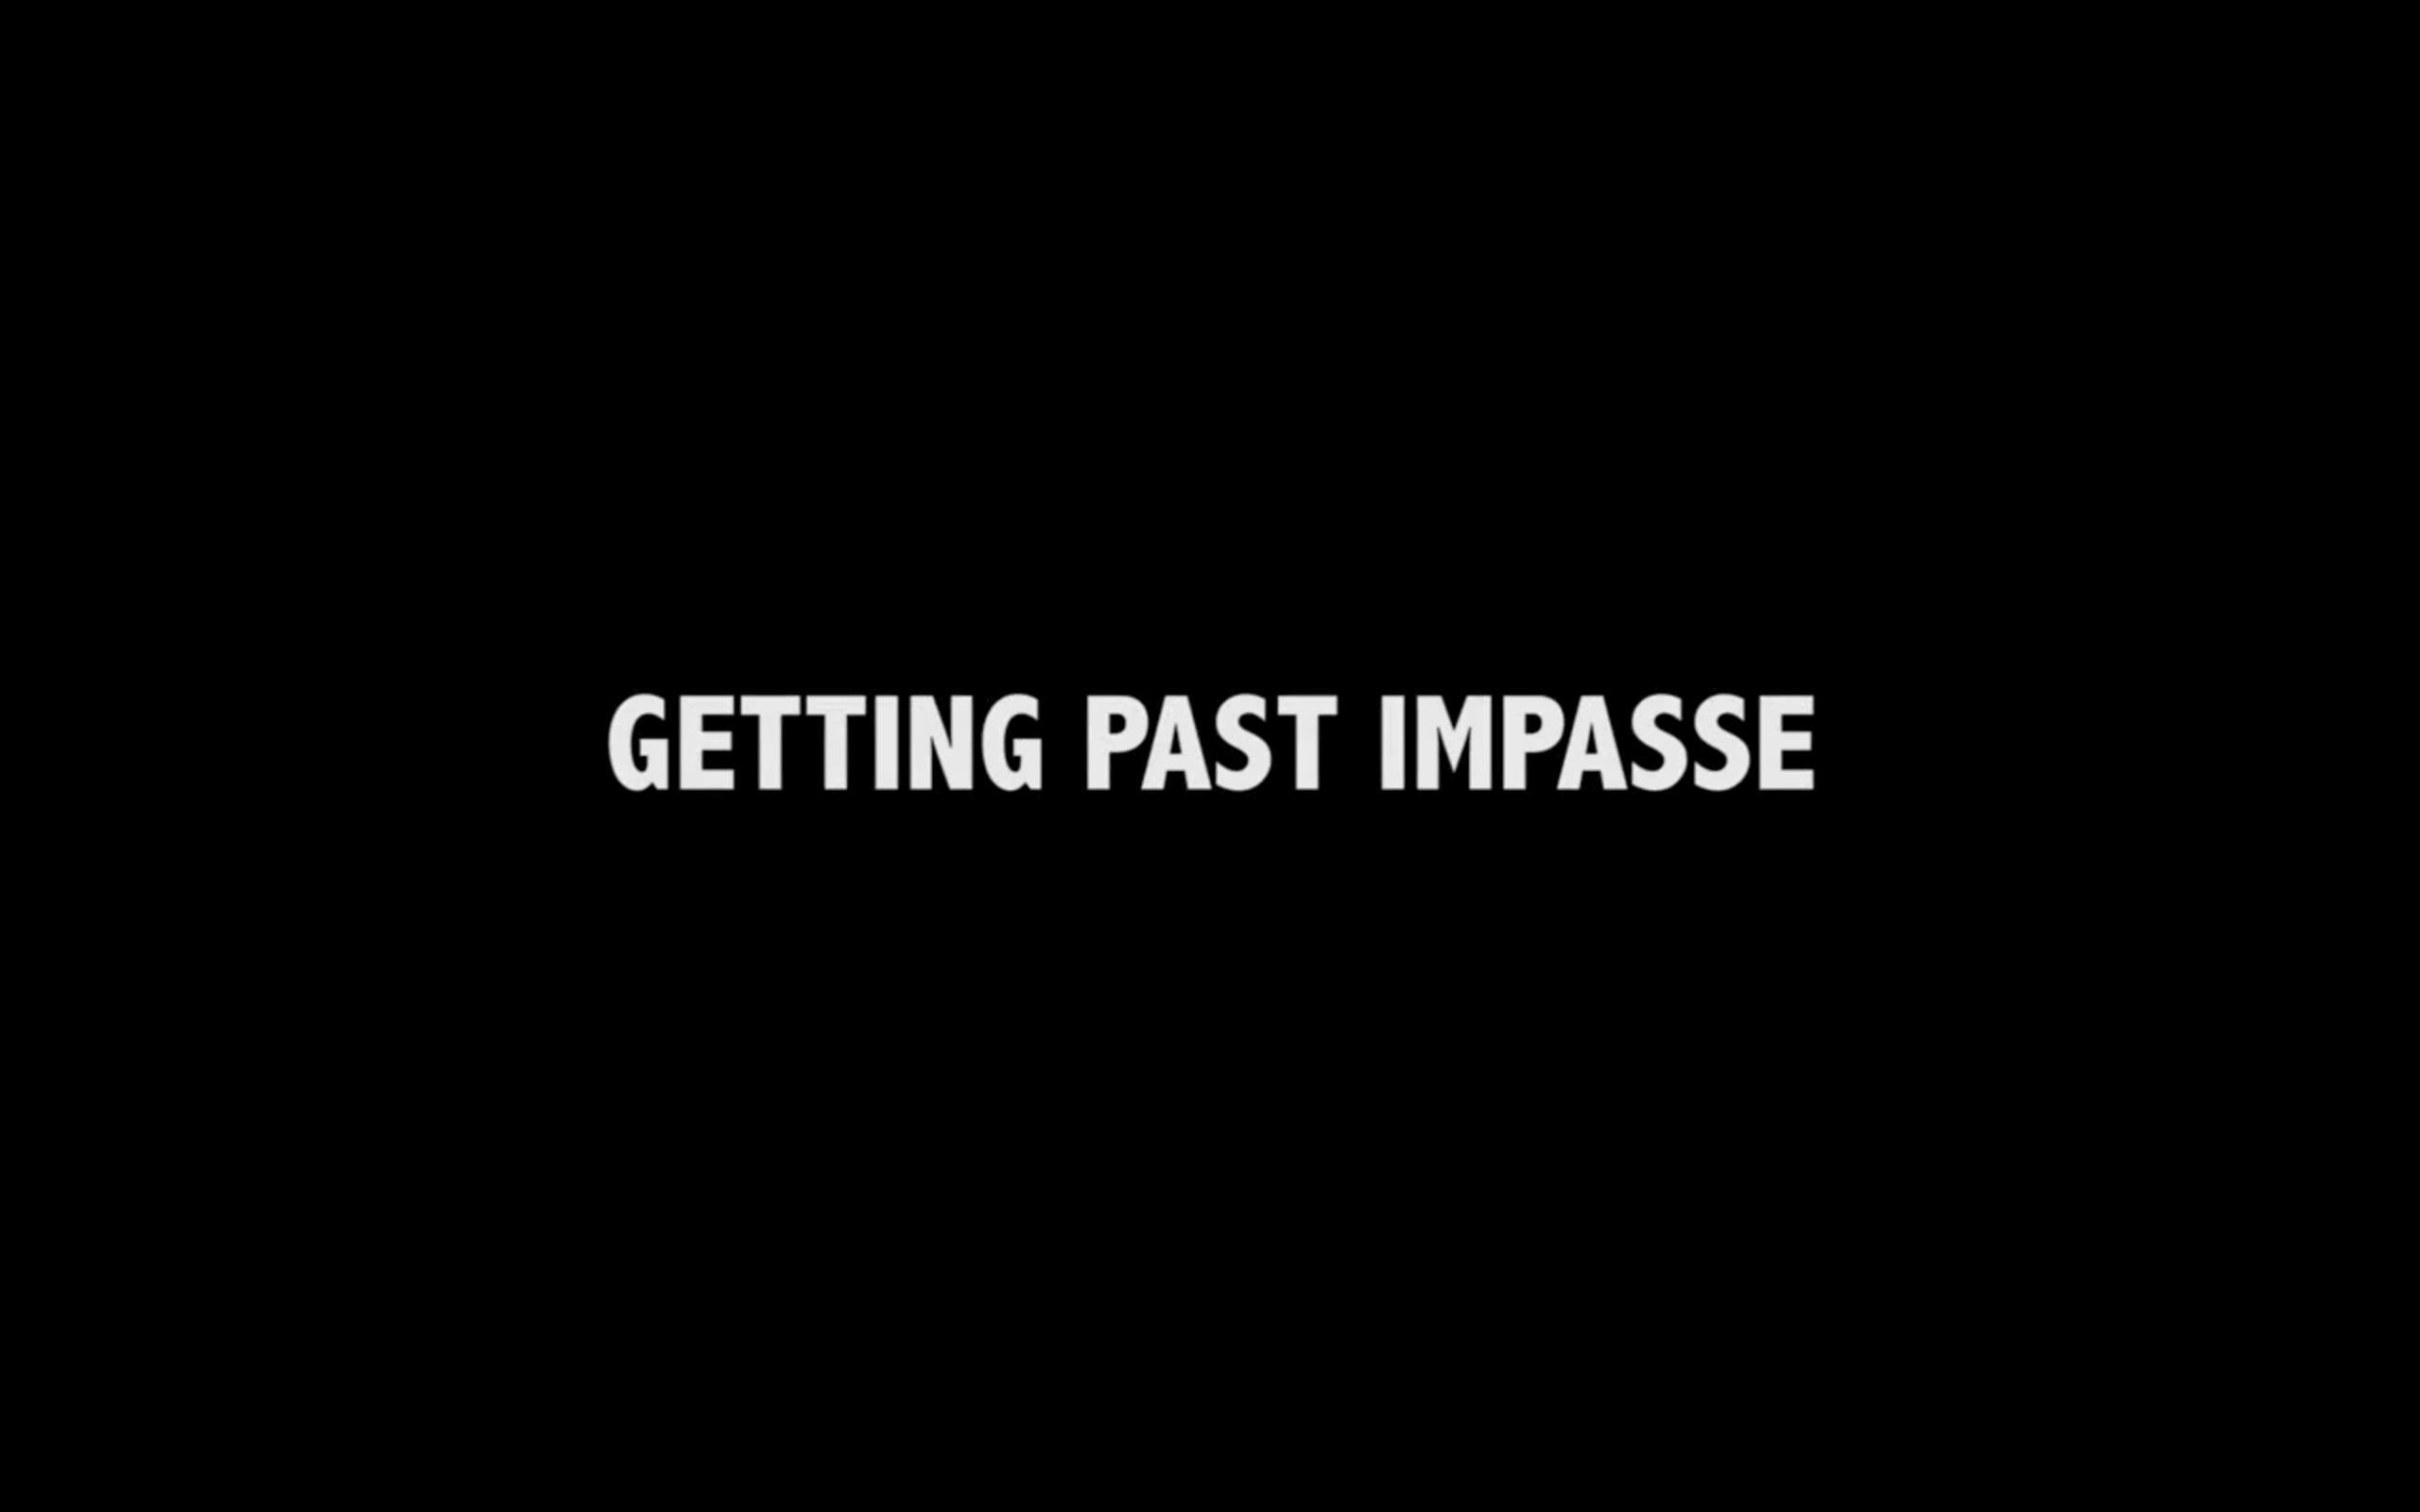 Getting Past Impasse